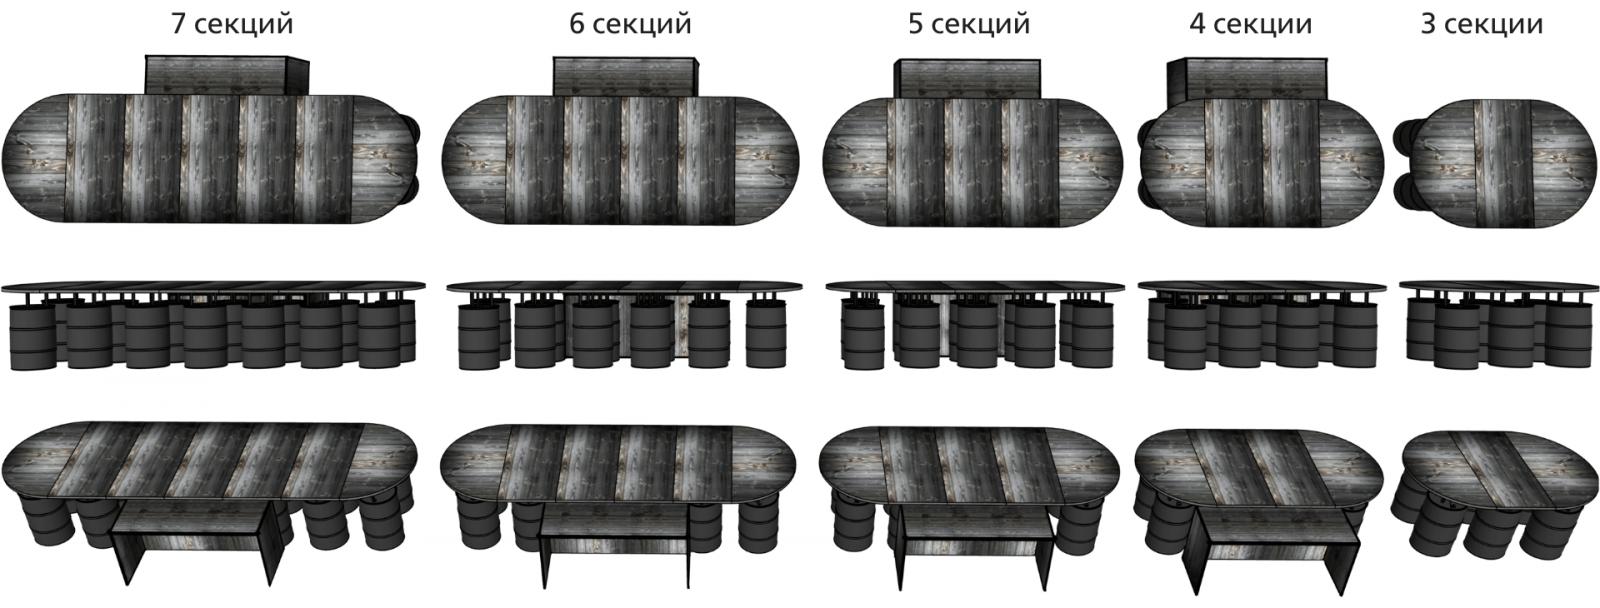 Расположение барных стоек с железной дорогой